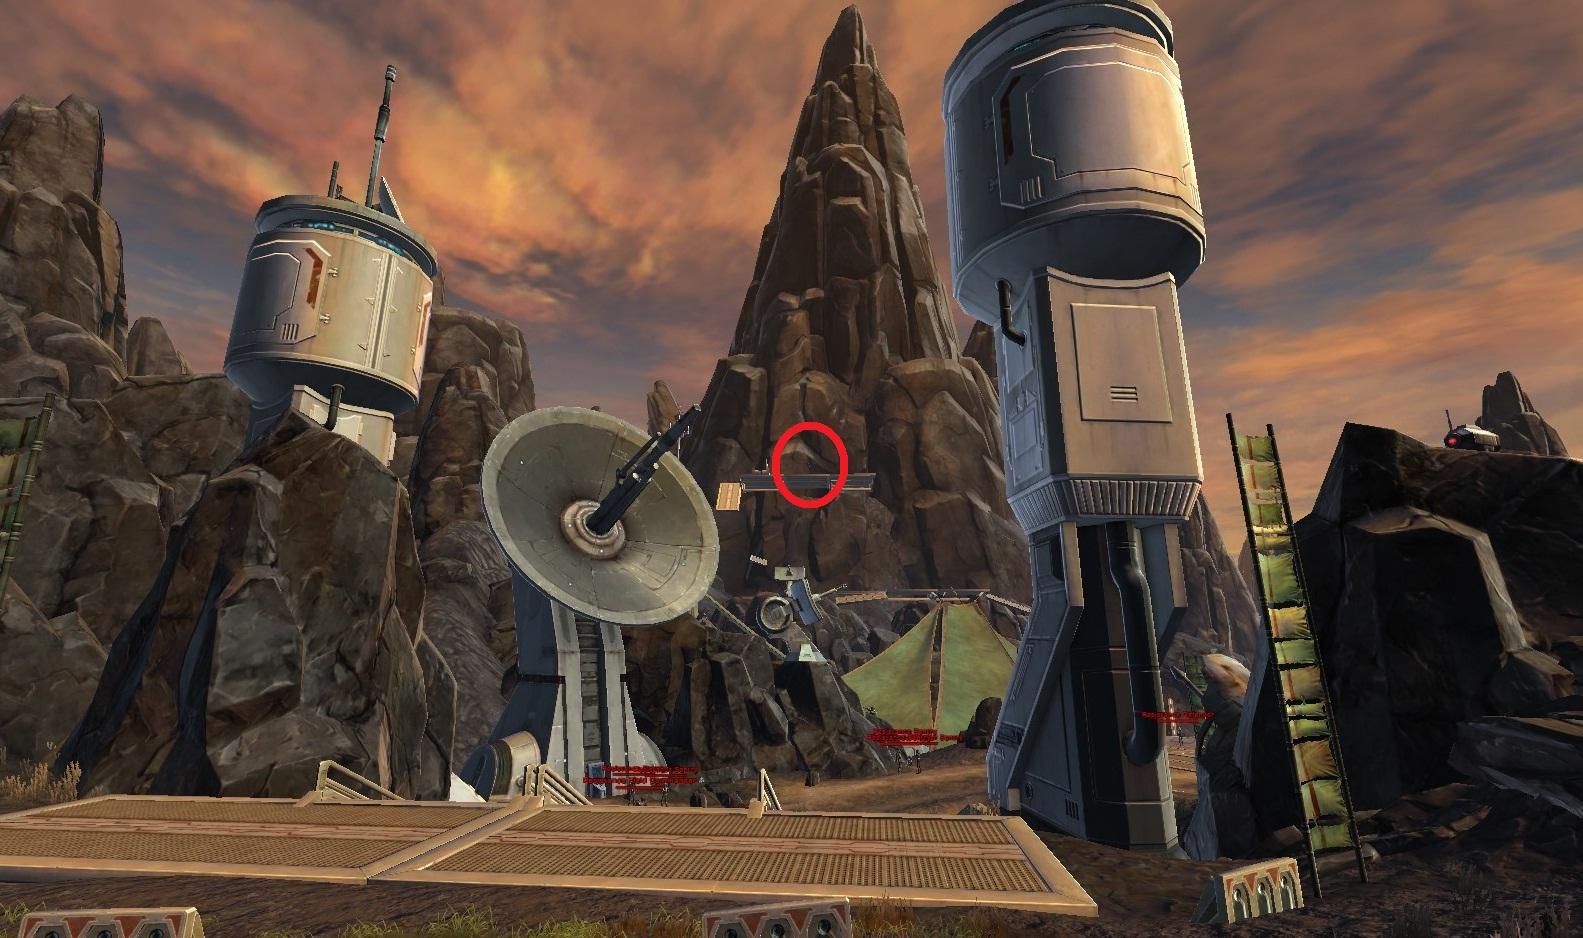 Swtor MCR 99 Droid Reconnaissance Balmorra Empire